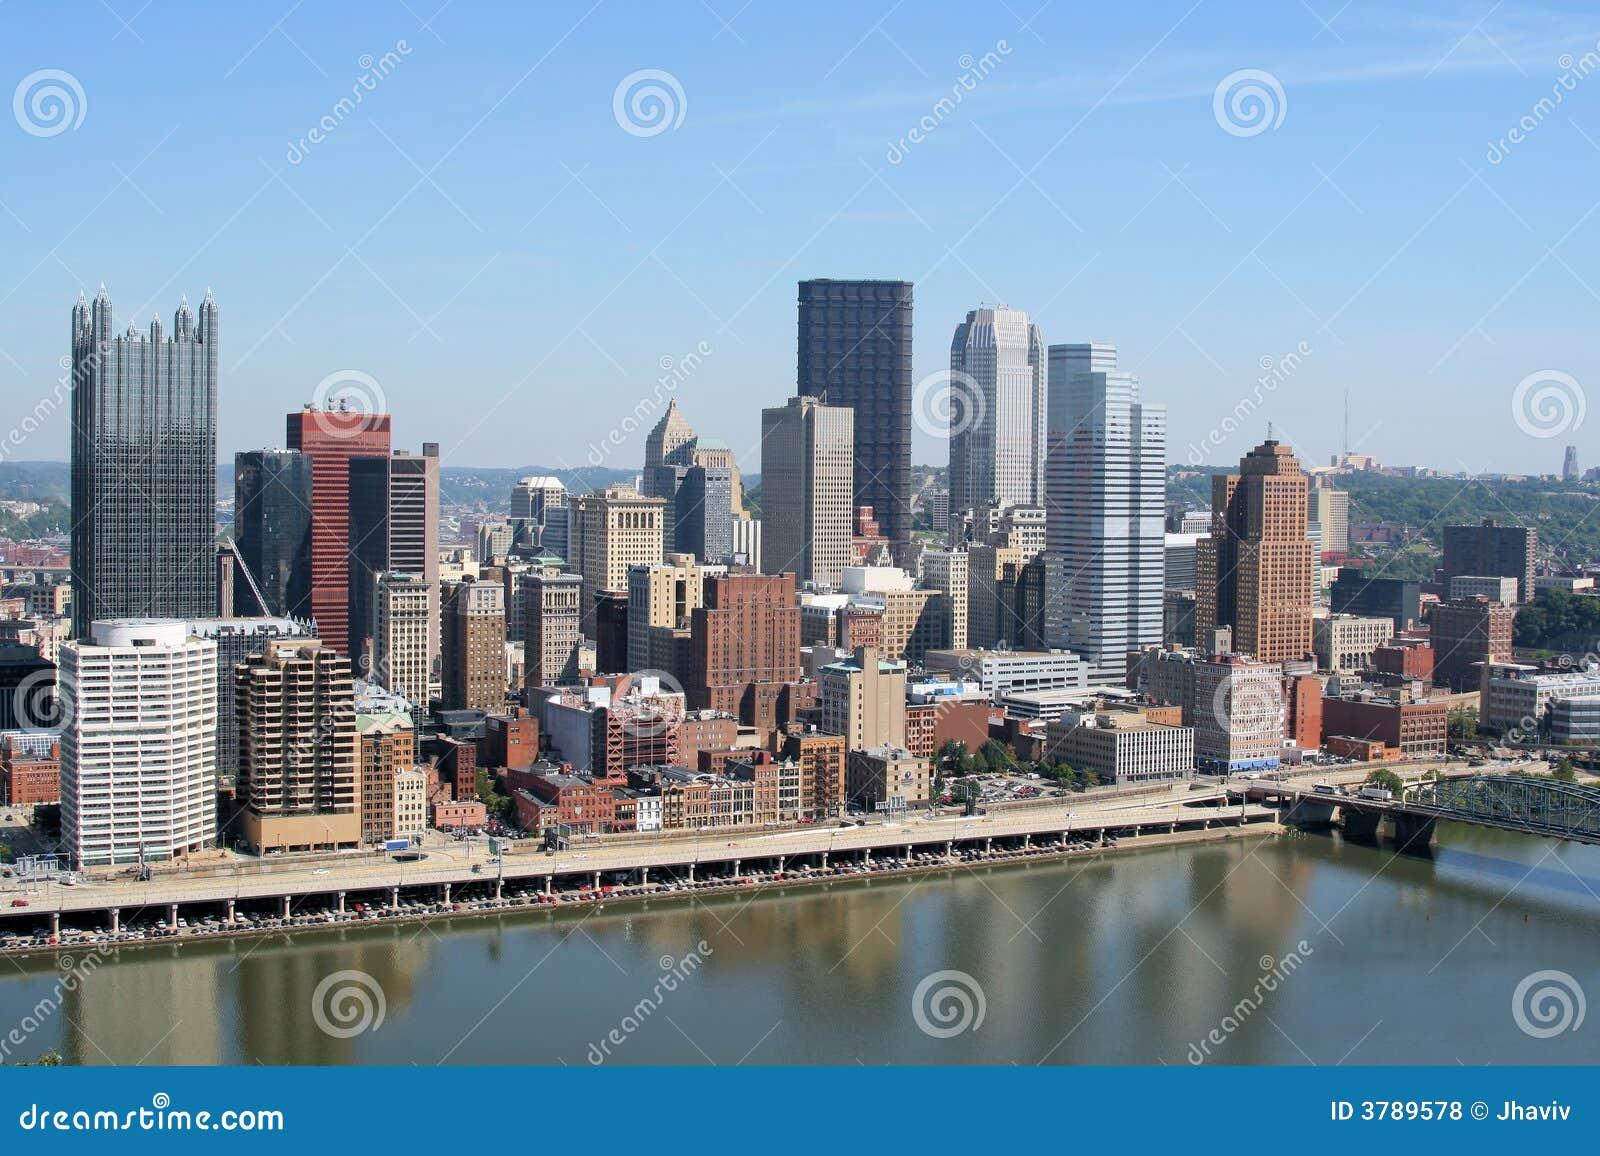 Skyline de Pittsburgh